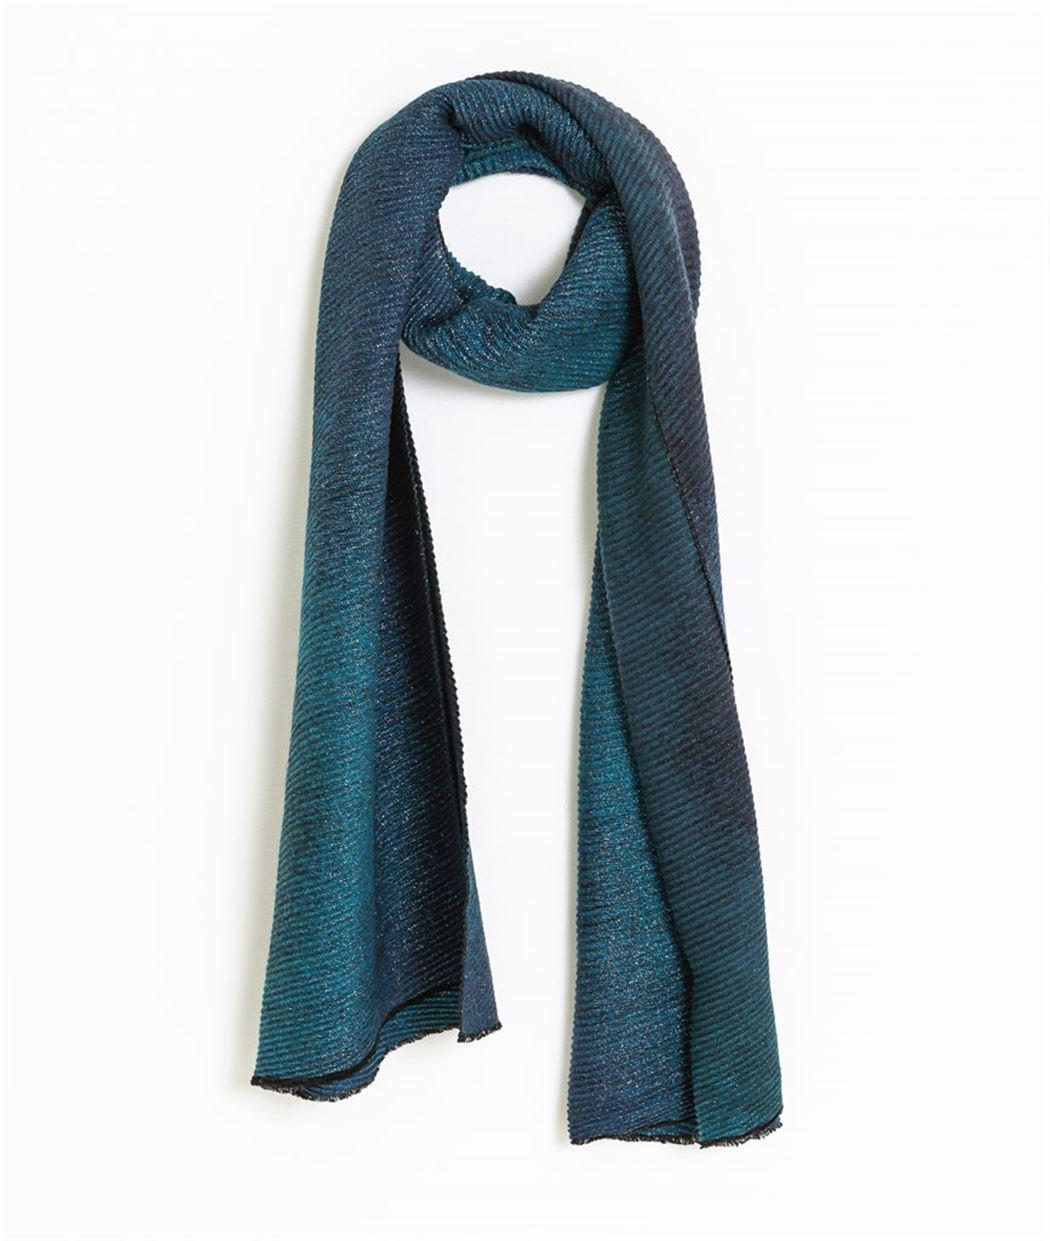 Echarpe femme bleu vert plissée BLEU